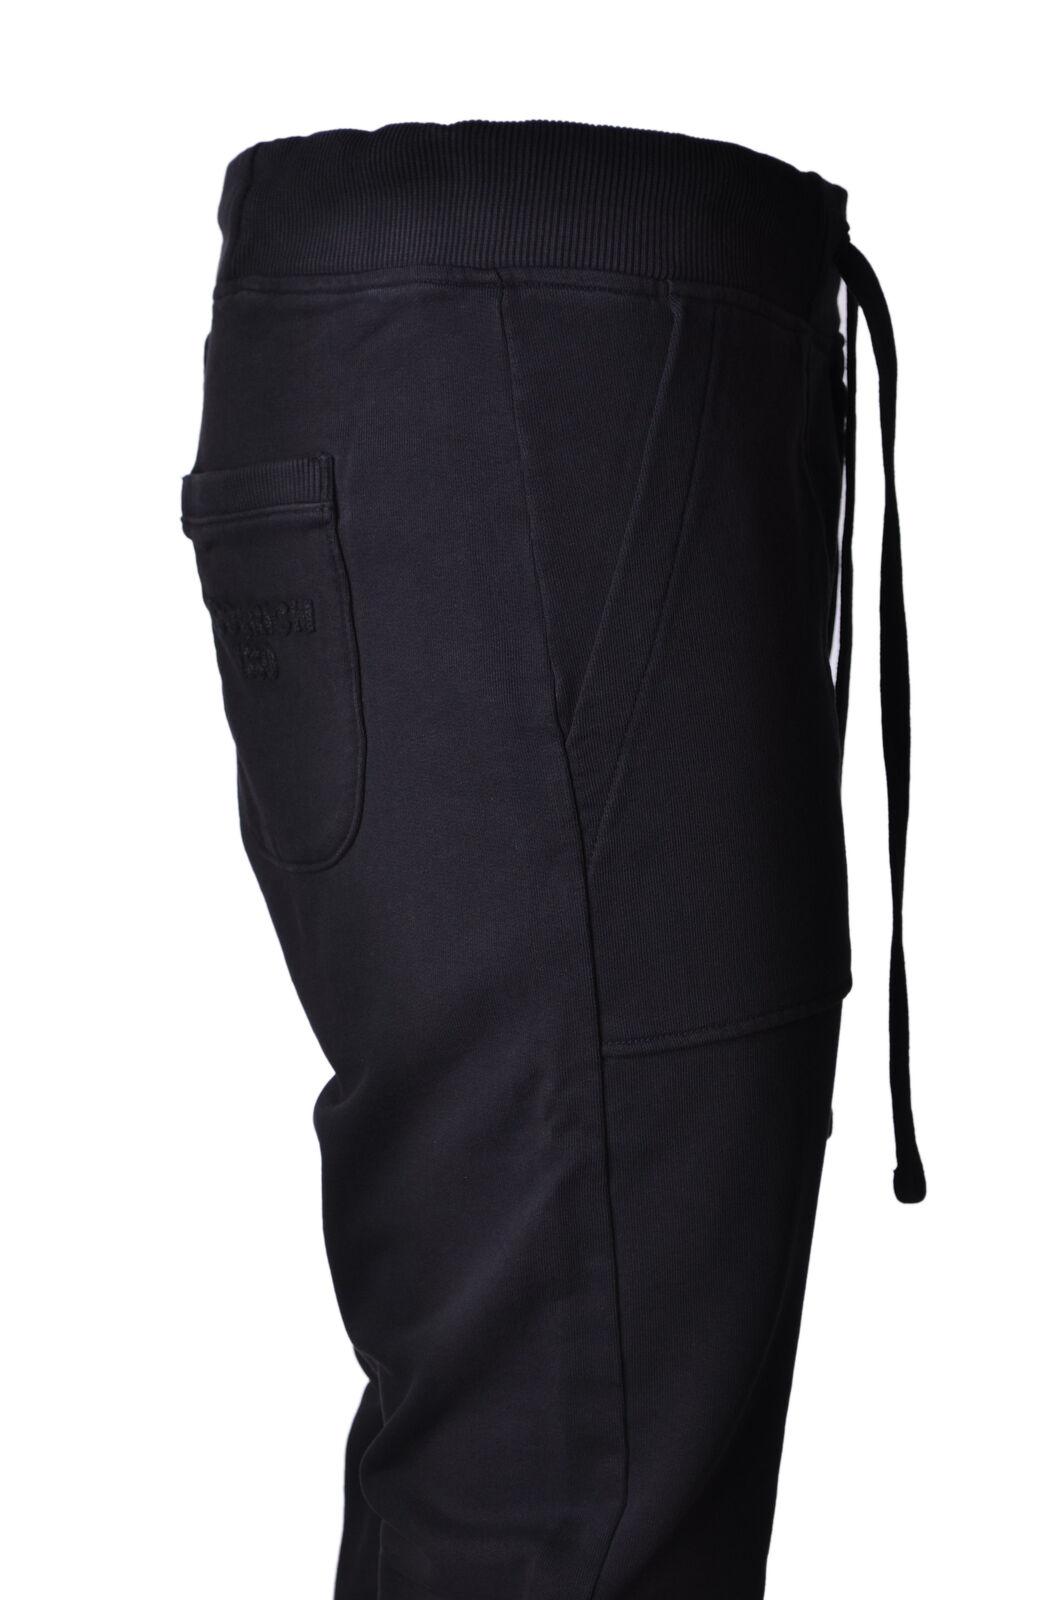 Woolrich - Pants, Trousers, sweatshirt - Man - bluee - 4900315B184148